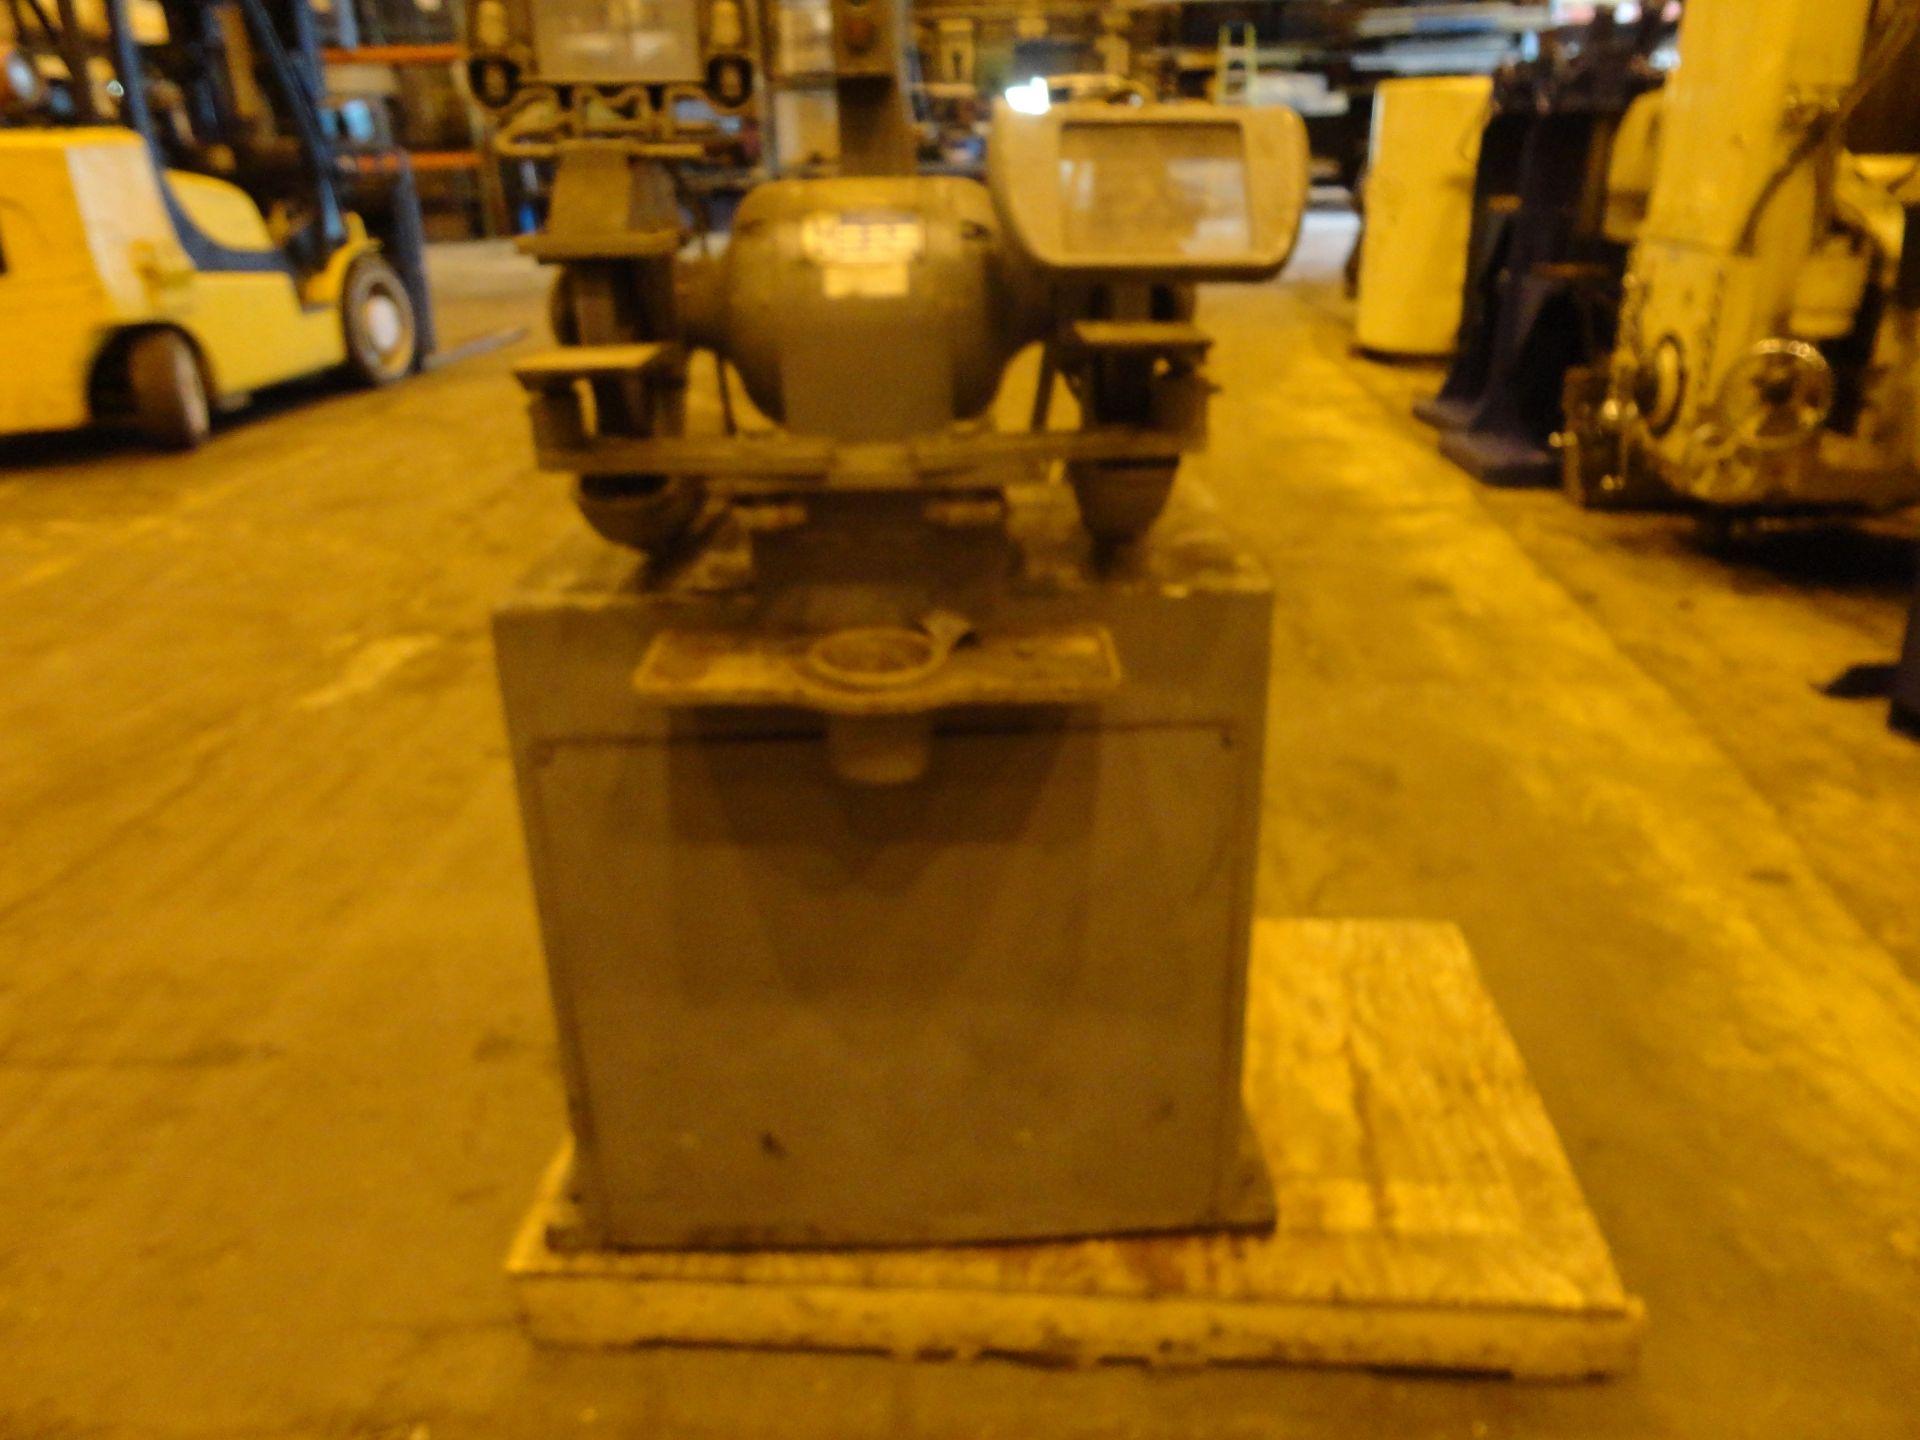 Lot 2 - Pedestal Grinder